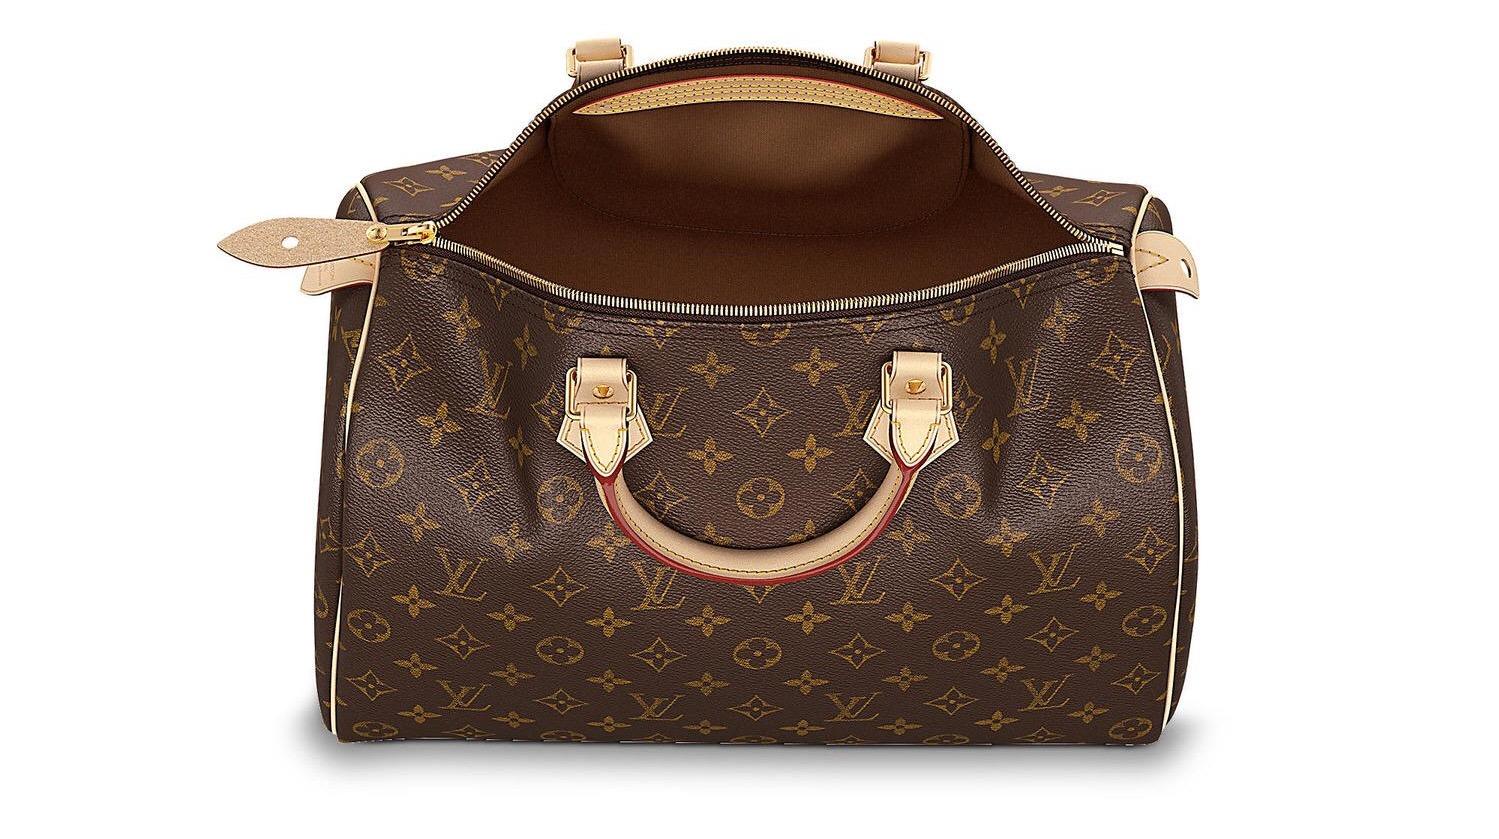 Come riconoscere una borsa LV originale?